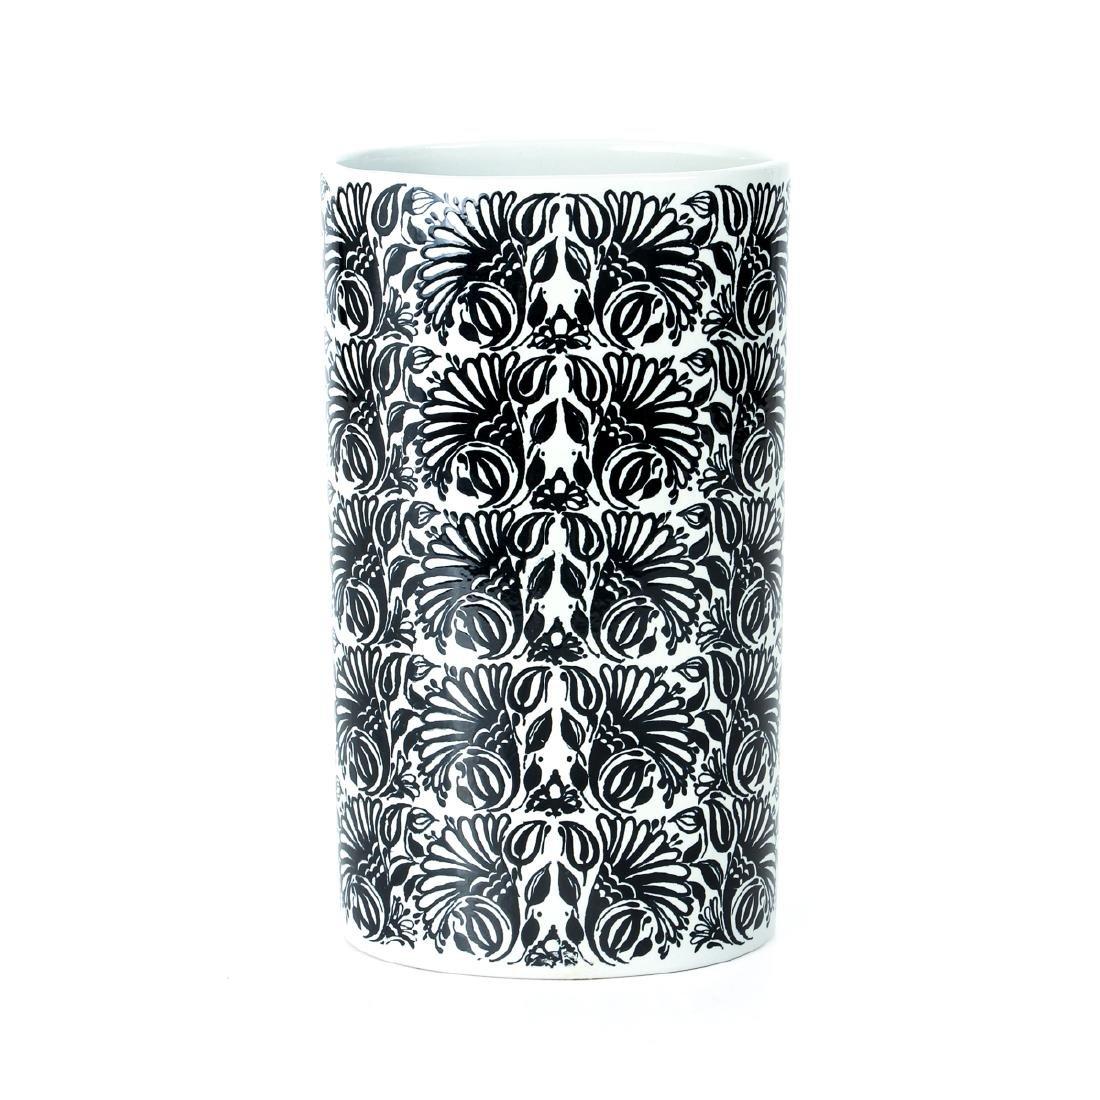 Bjorn Wiinblad Nymolle Petunia Vase - 3